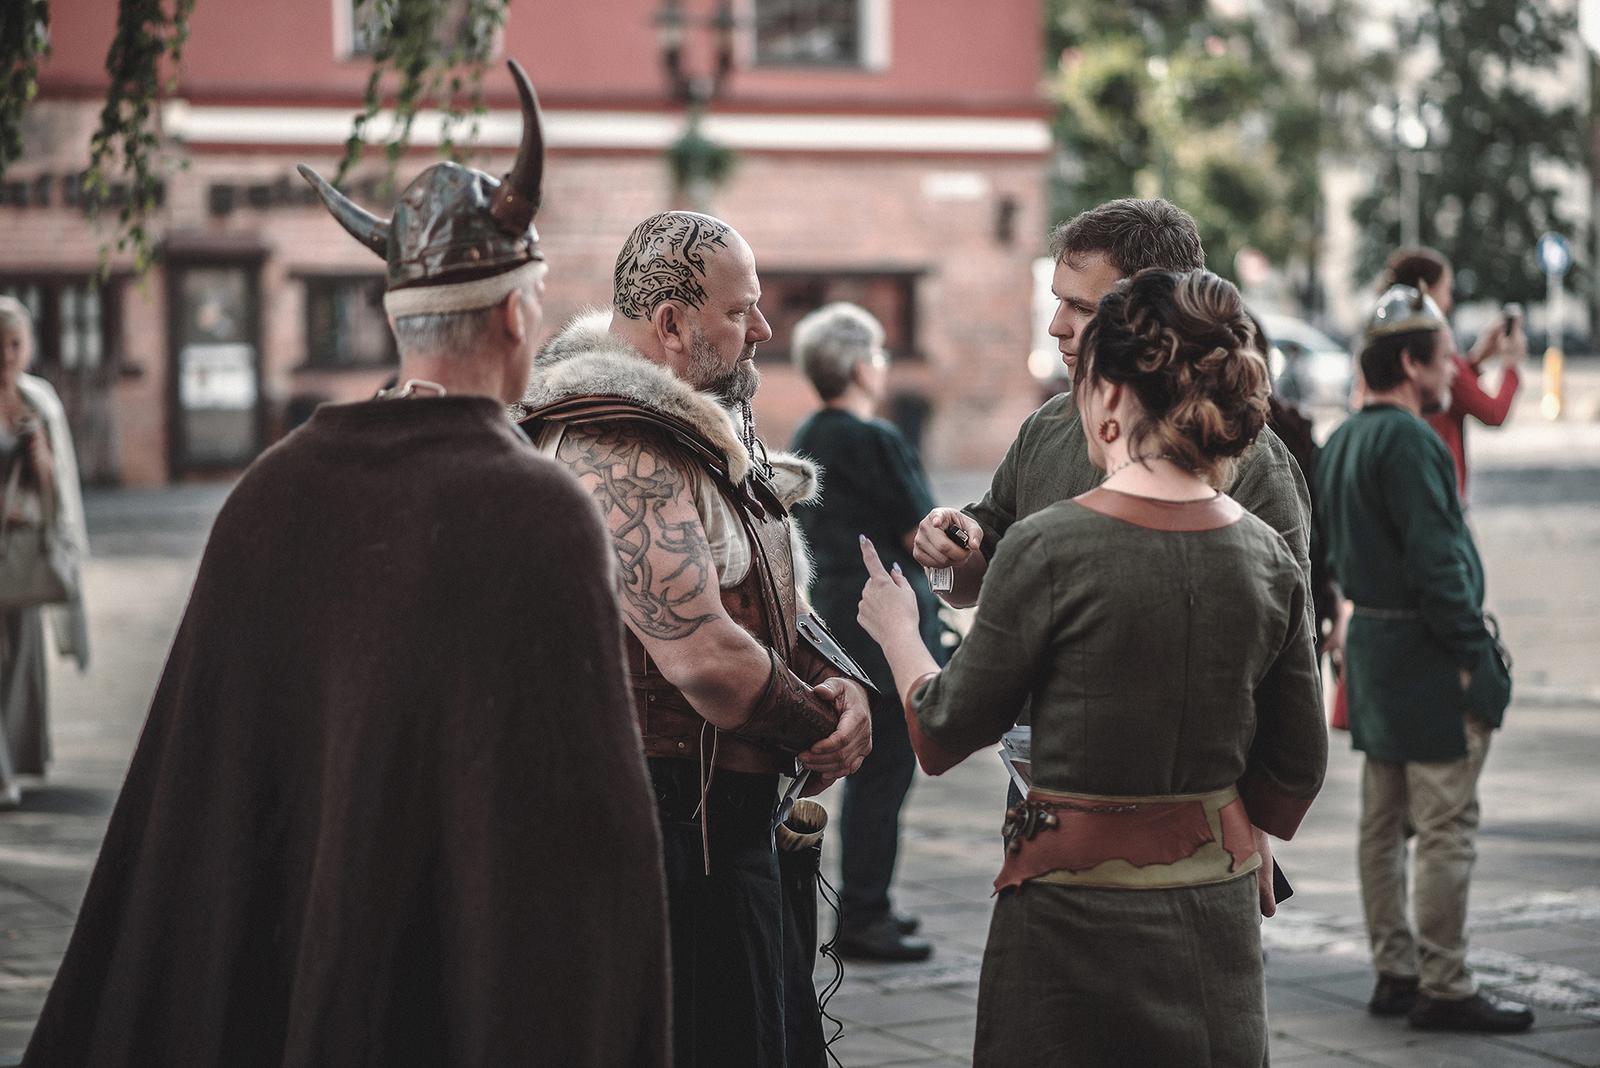 Svadba inšpirovaná seriálom Vikingovia - Obrázok č. 1